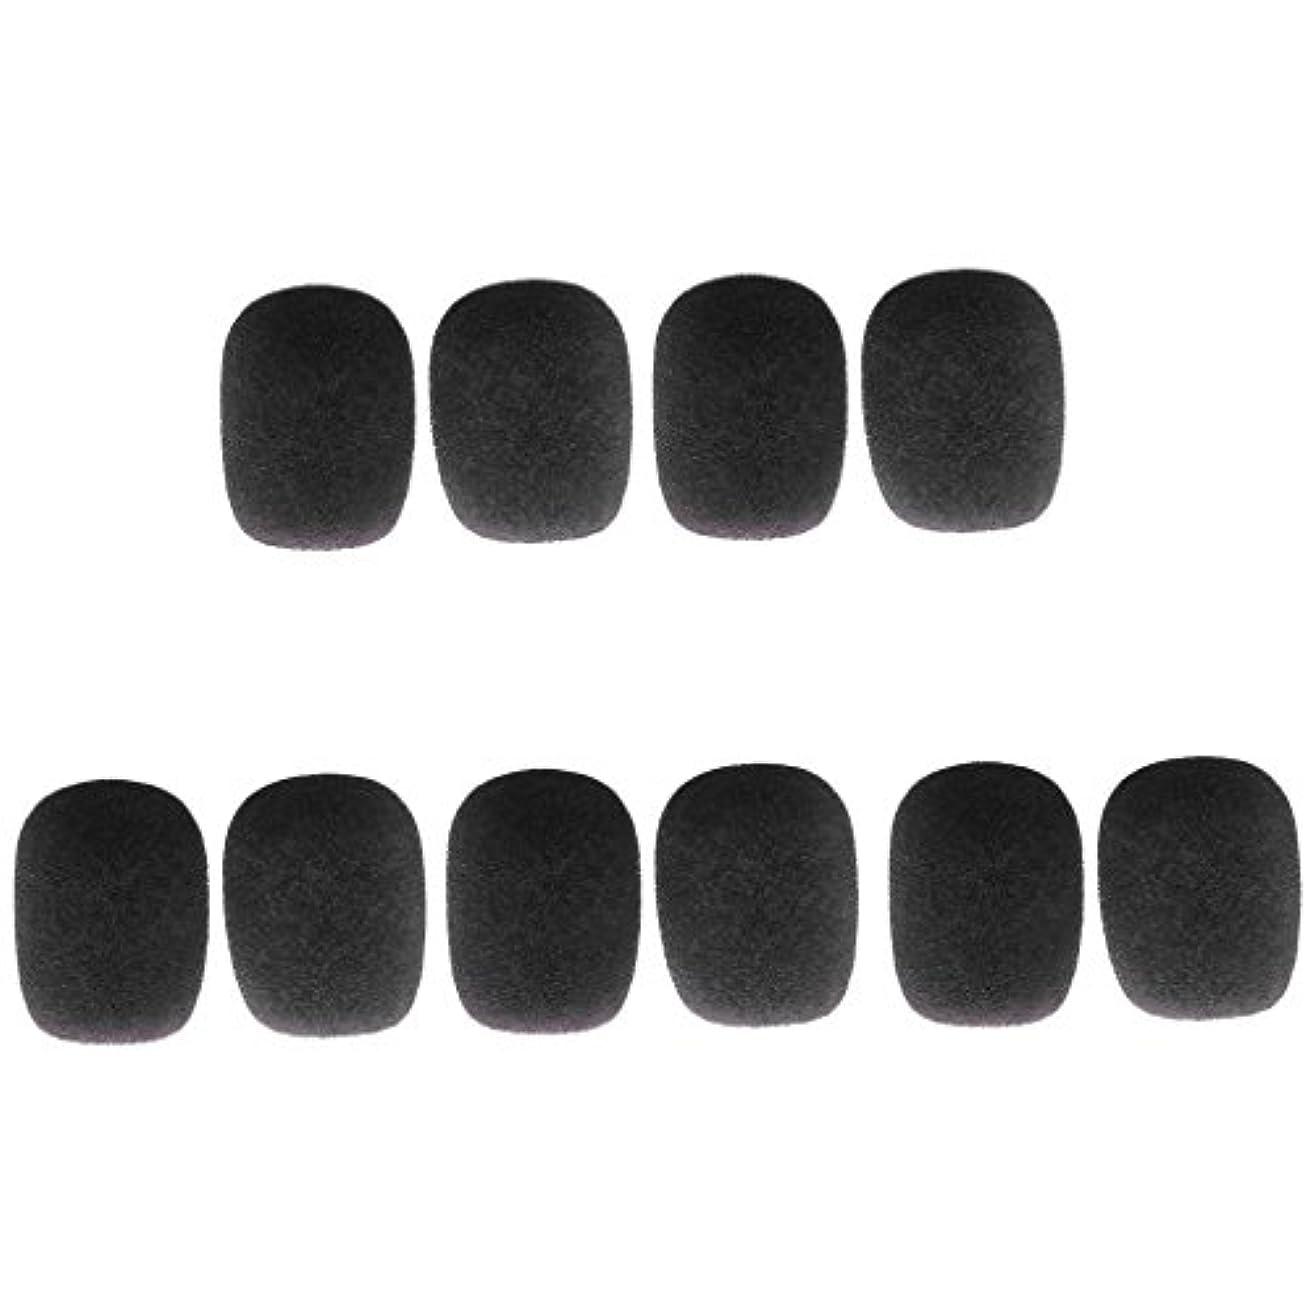 高める区別するバンケットsharprepublic 10個 スポンジ ミニ マイクウィンドスクリーン マイクカバー 全5色 - ブラック